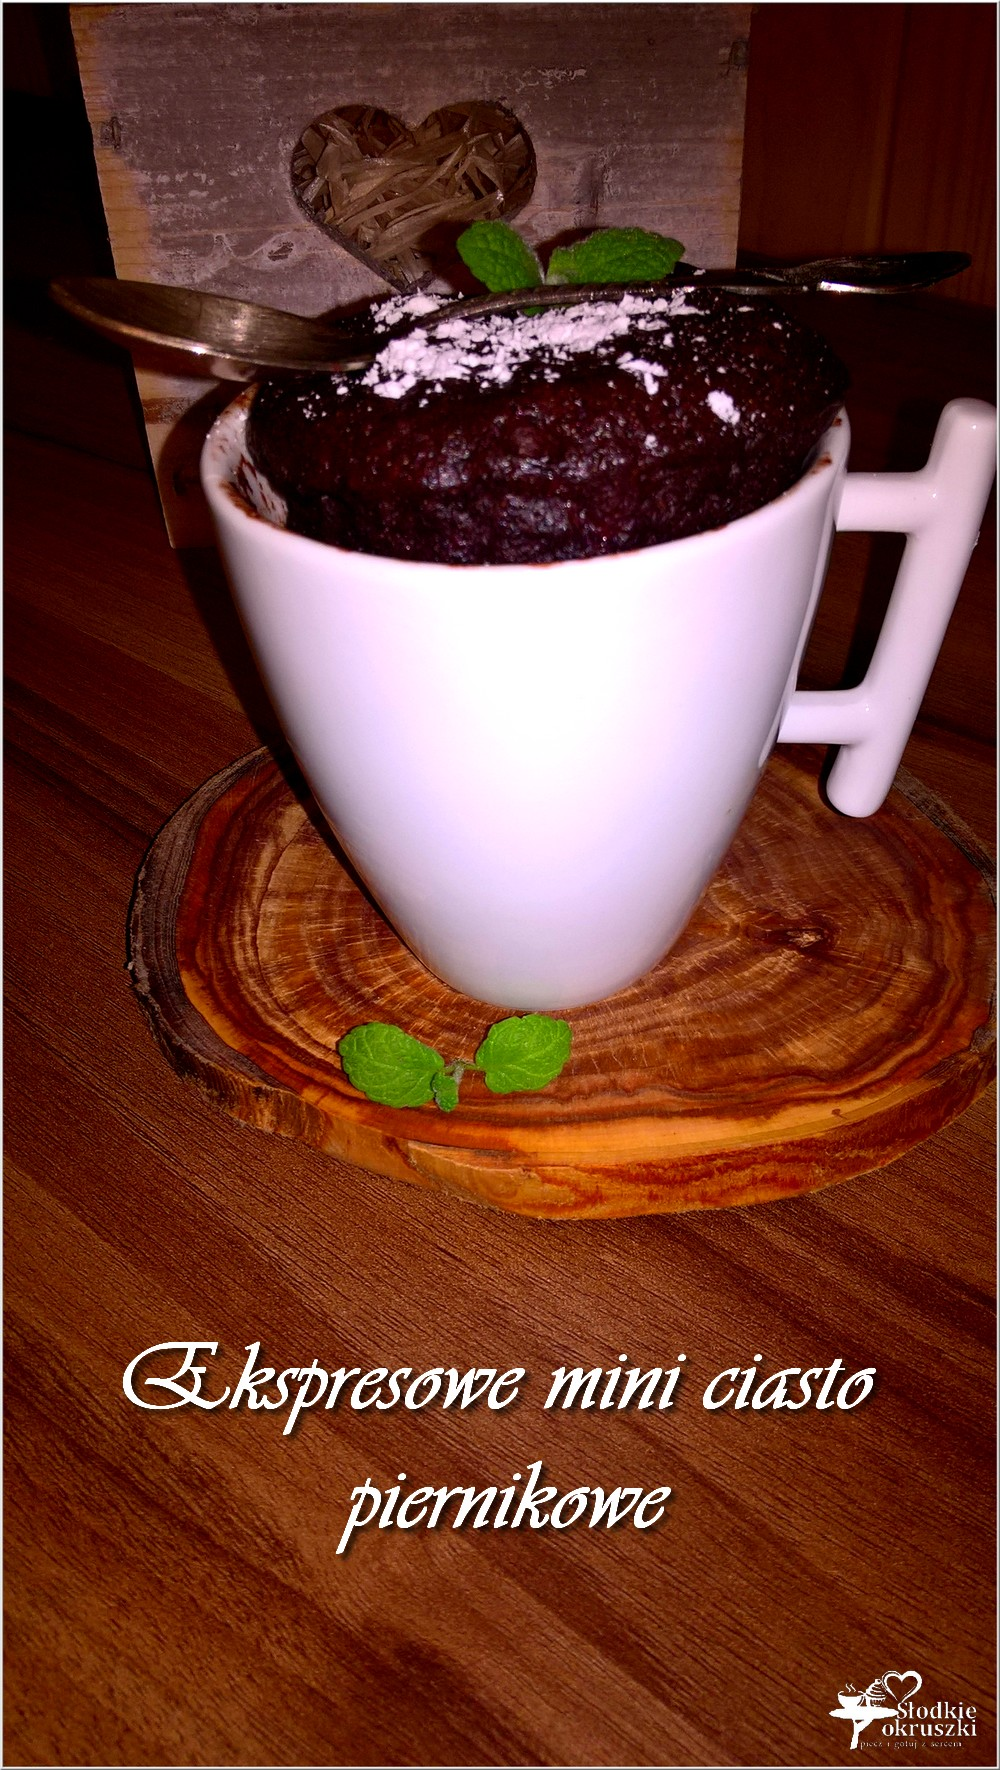 Ekspresowe mini ciasto piernikowe (w filiżance) (4)